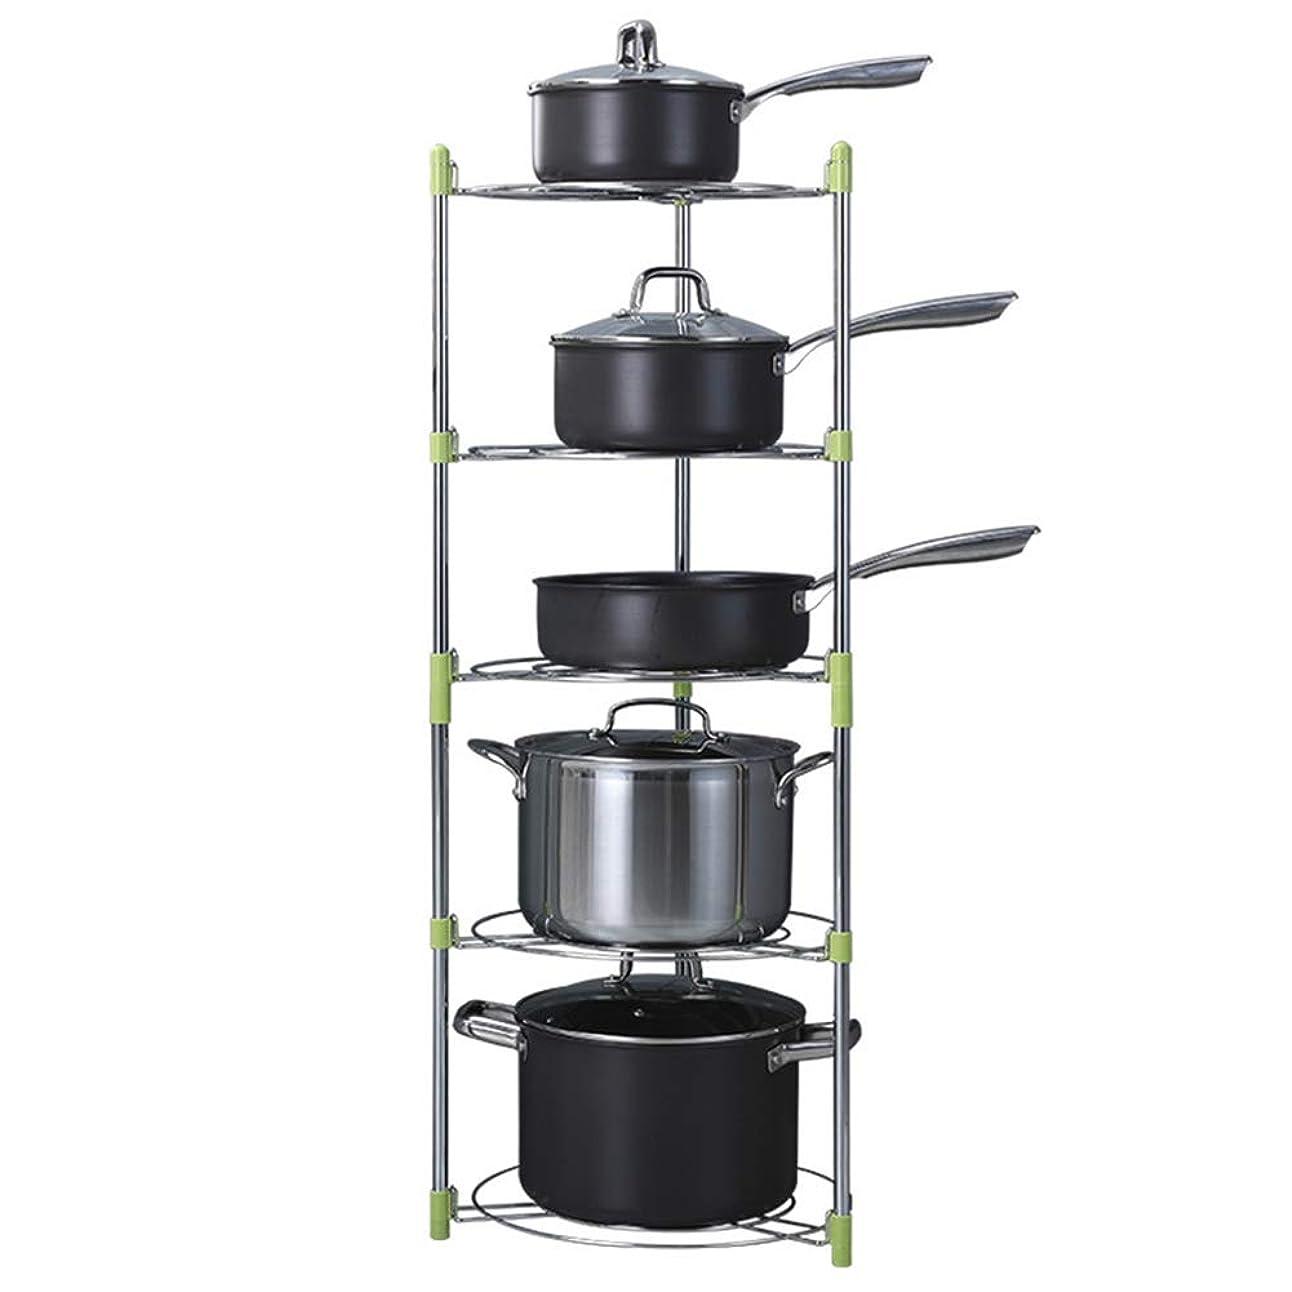 刺します放射性おキッチンラック、フライパンホルダー、鍋とフライパンホルダー、フライパン収納ボックス、キッチン家具フィッティング、ステンレススチール(5層)